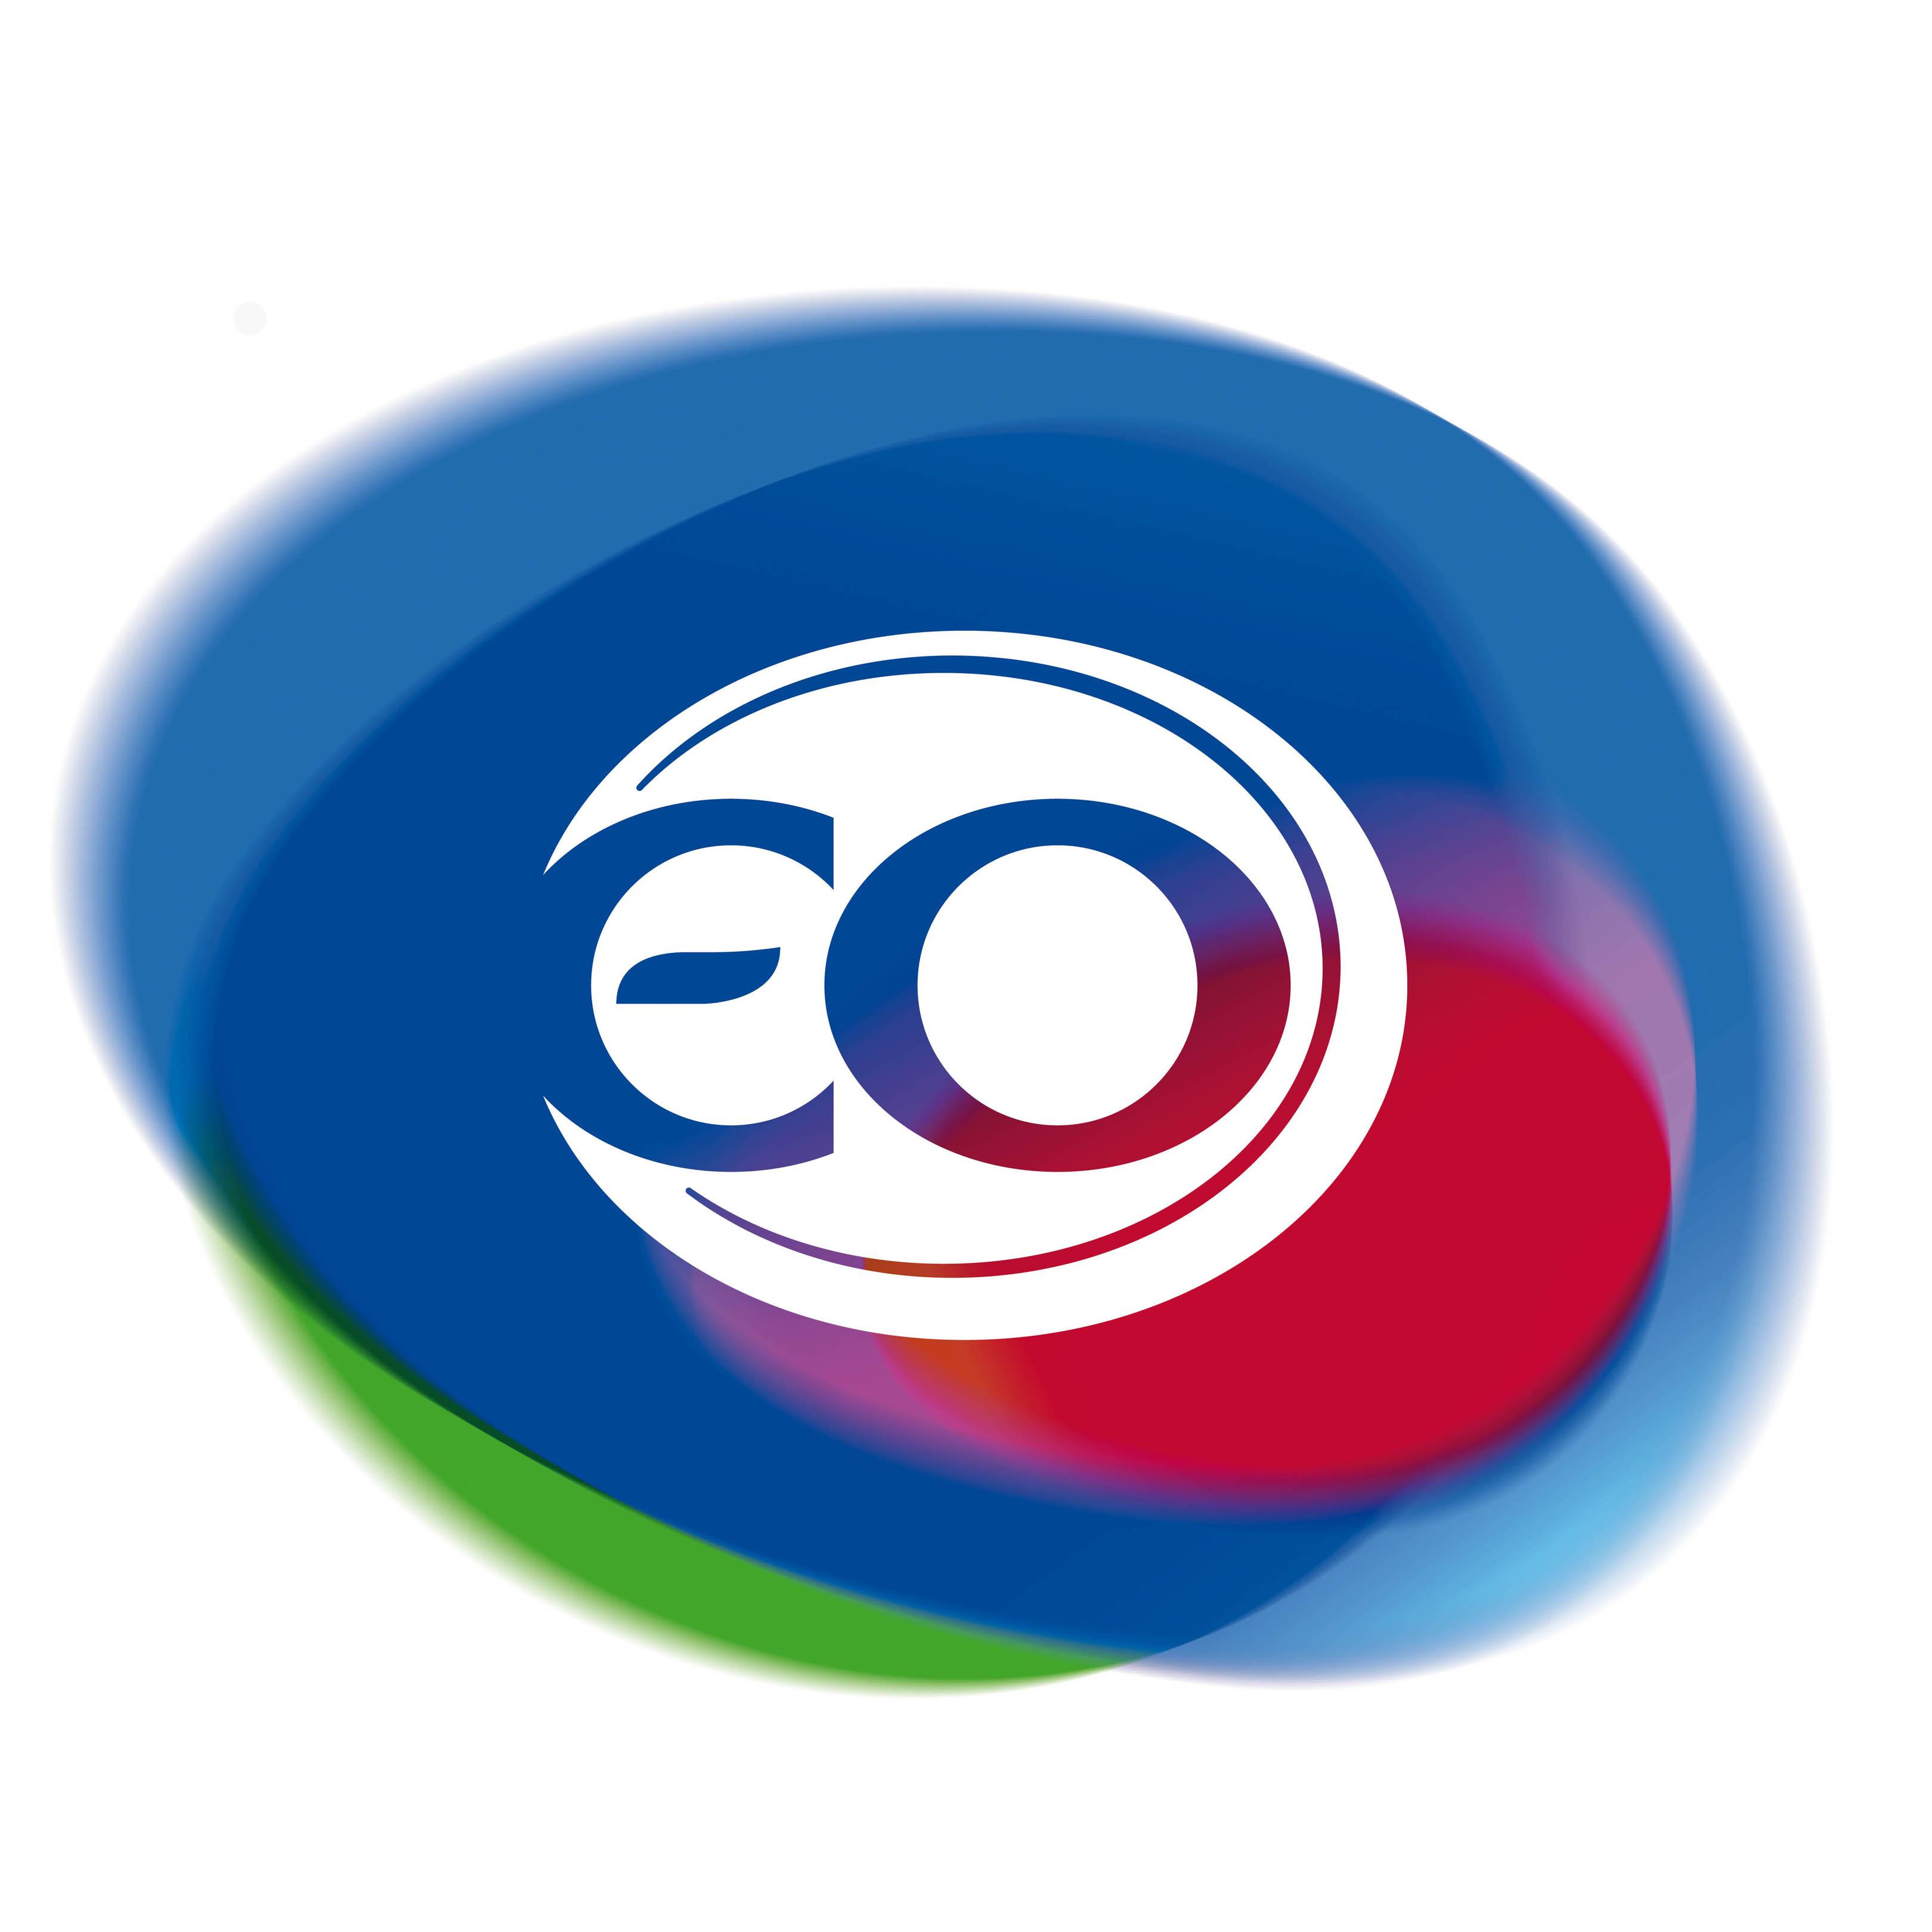 logo-van-de-Evangelische-Omroep1